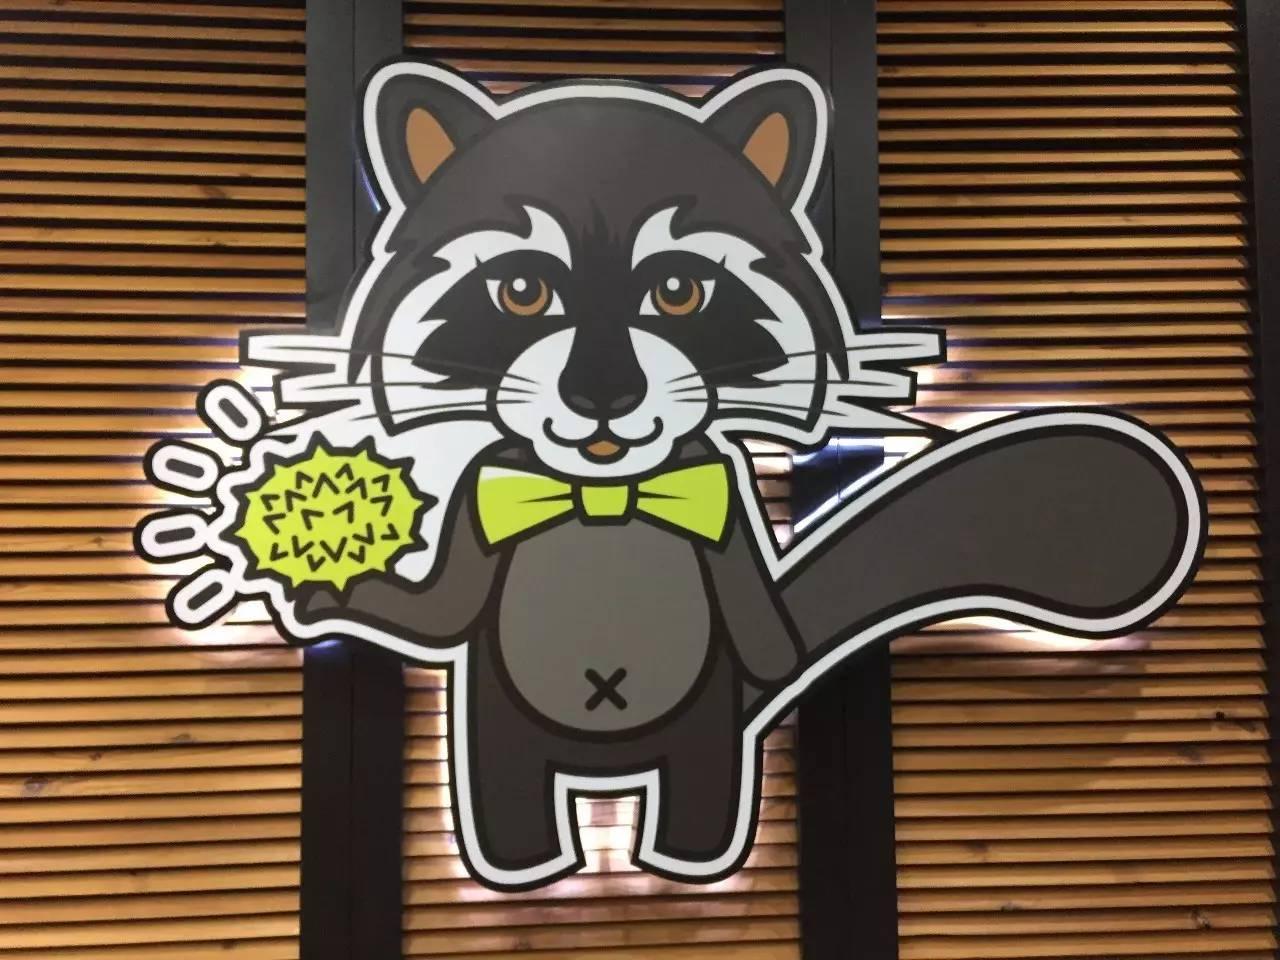 时尚 正文  ▲猫山王的标志就是一只卡通的果子狸图片